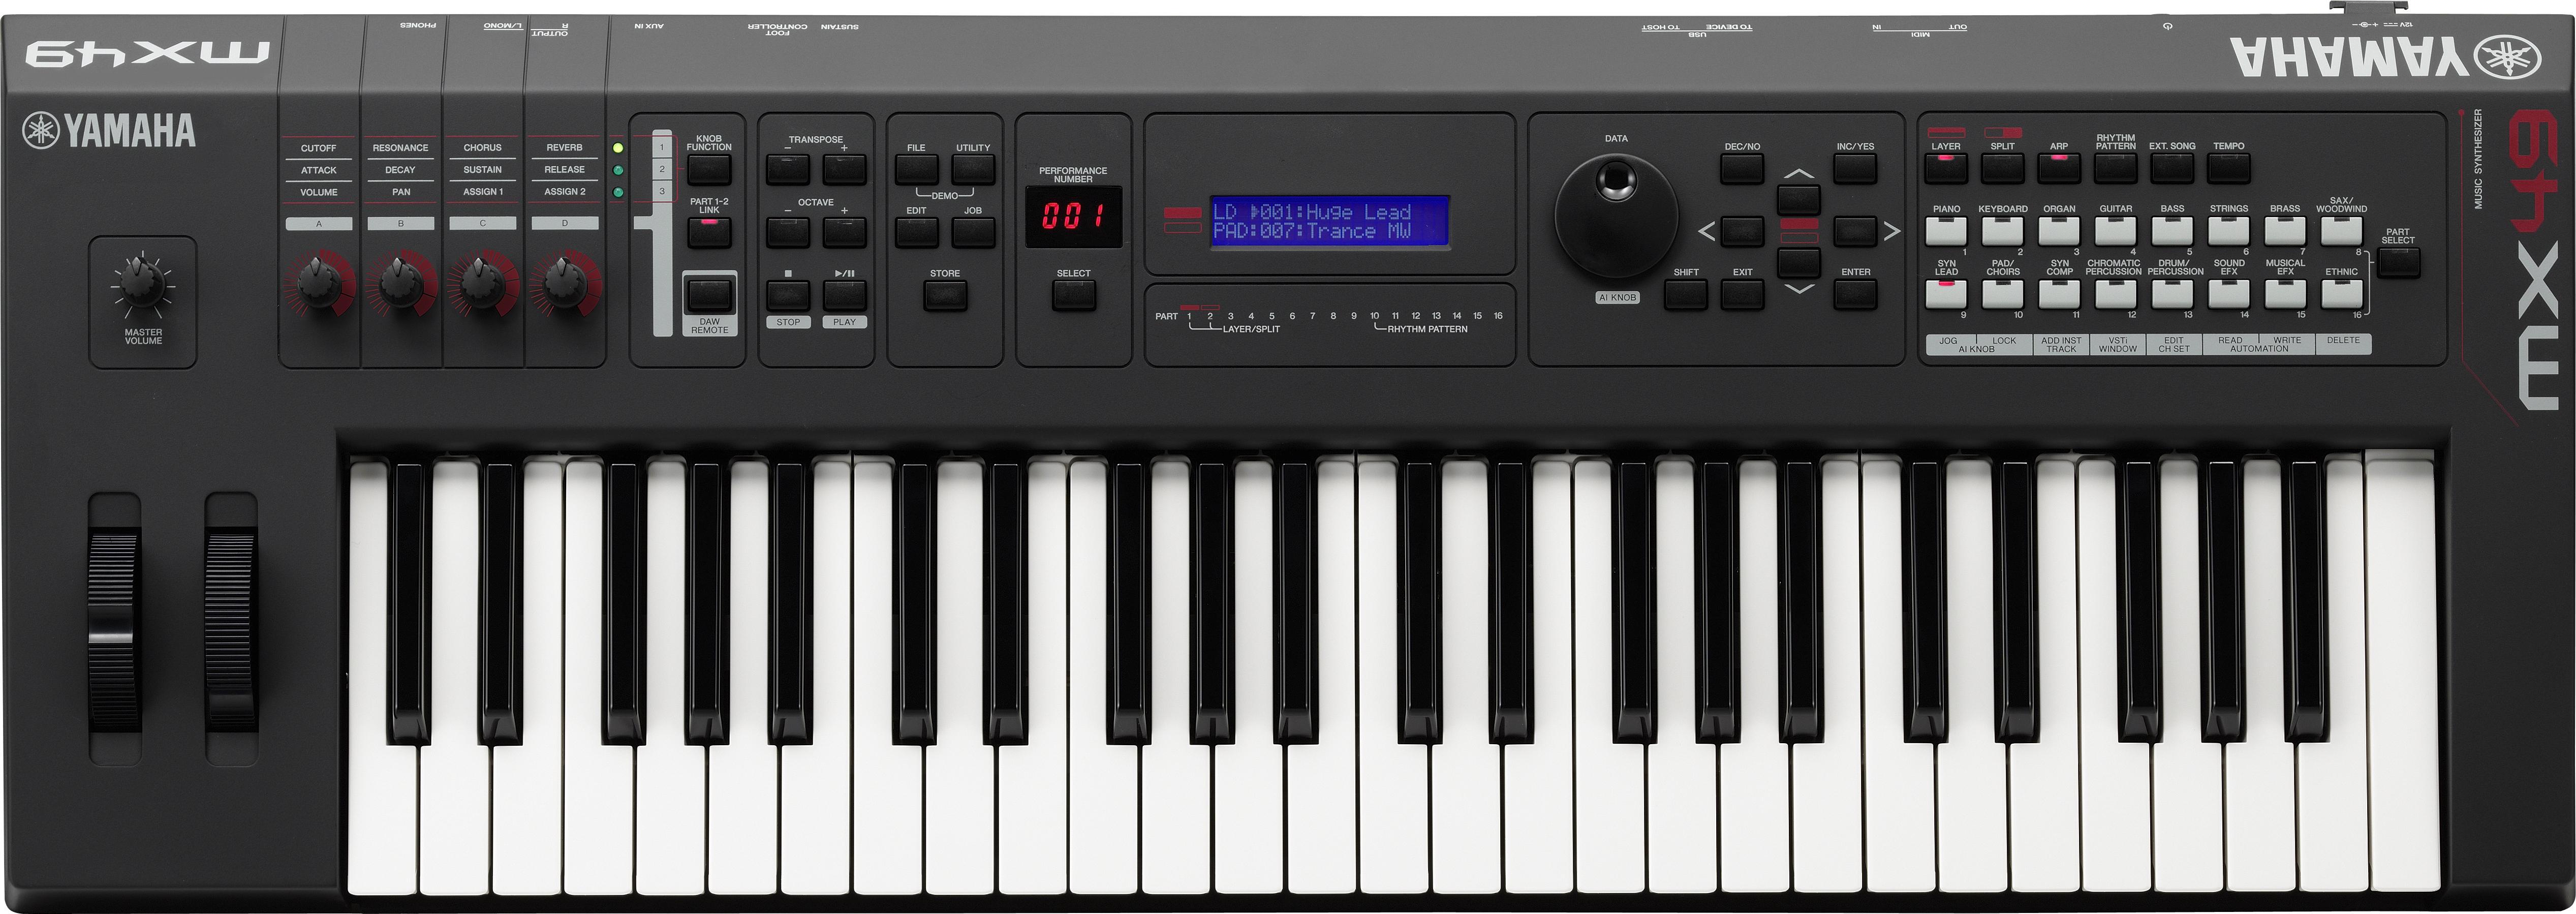 Yamaha mx49 49 key music production synthesizer keyboard for Yamaha keyboard synthesizer